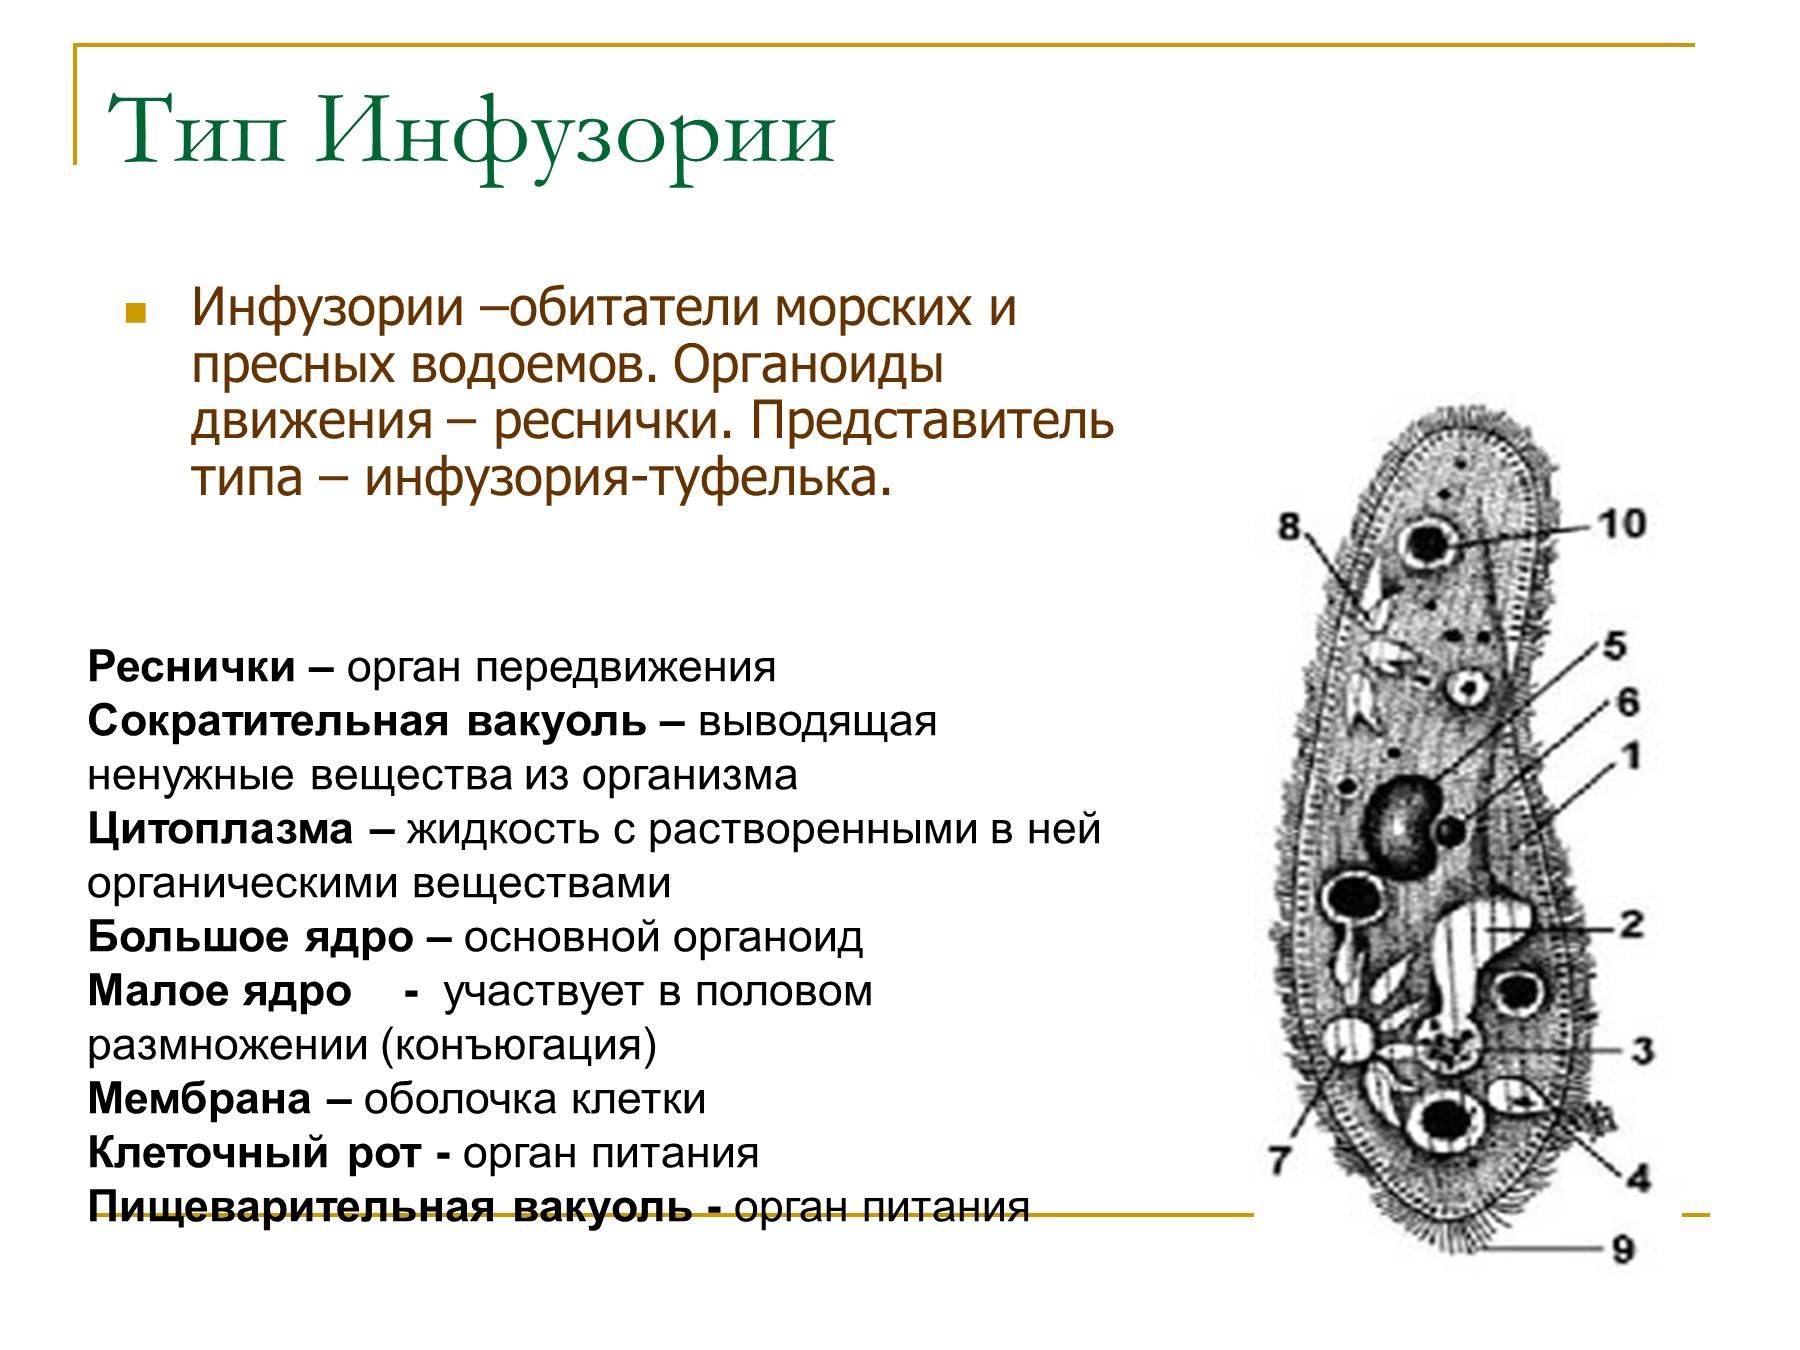 органоиды инфузории туфельки фото